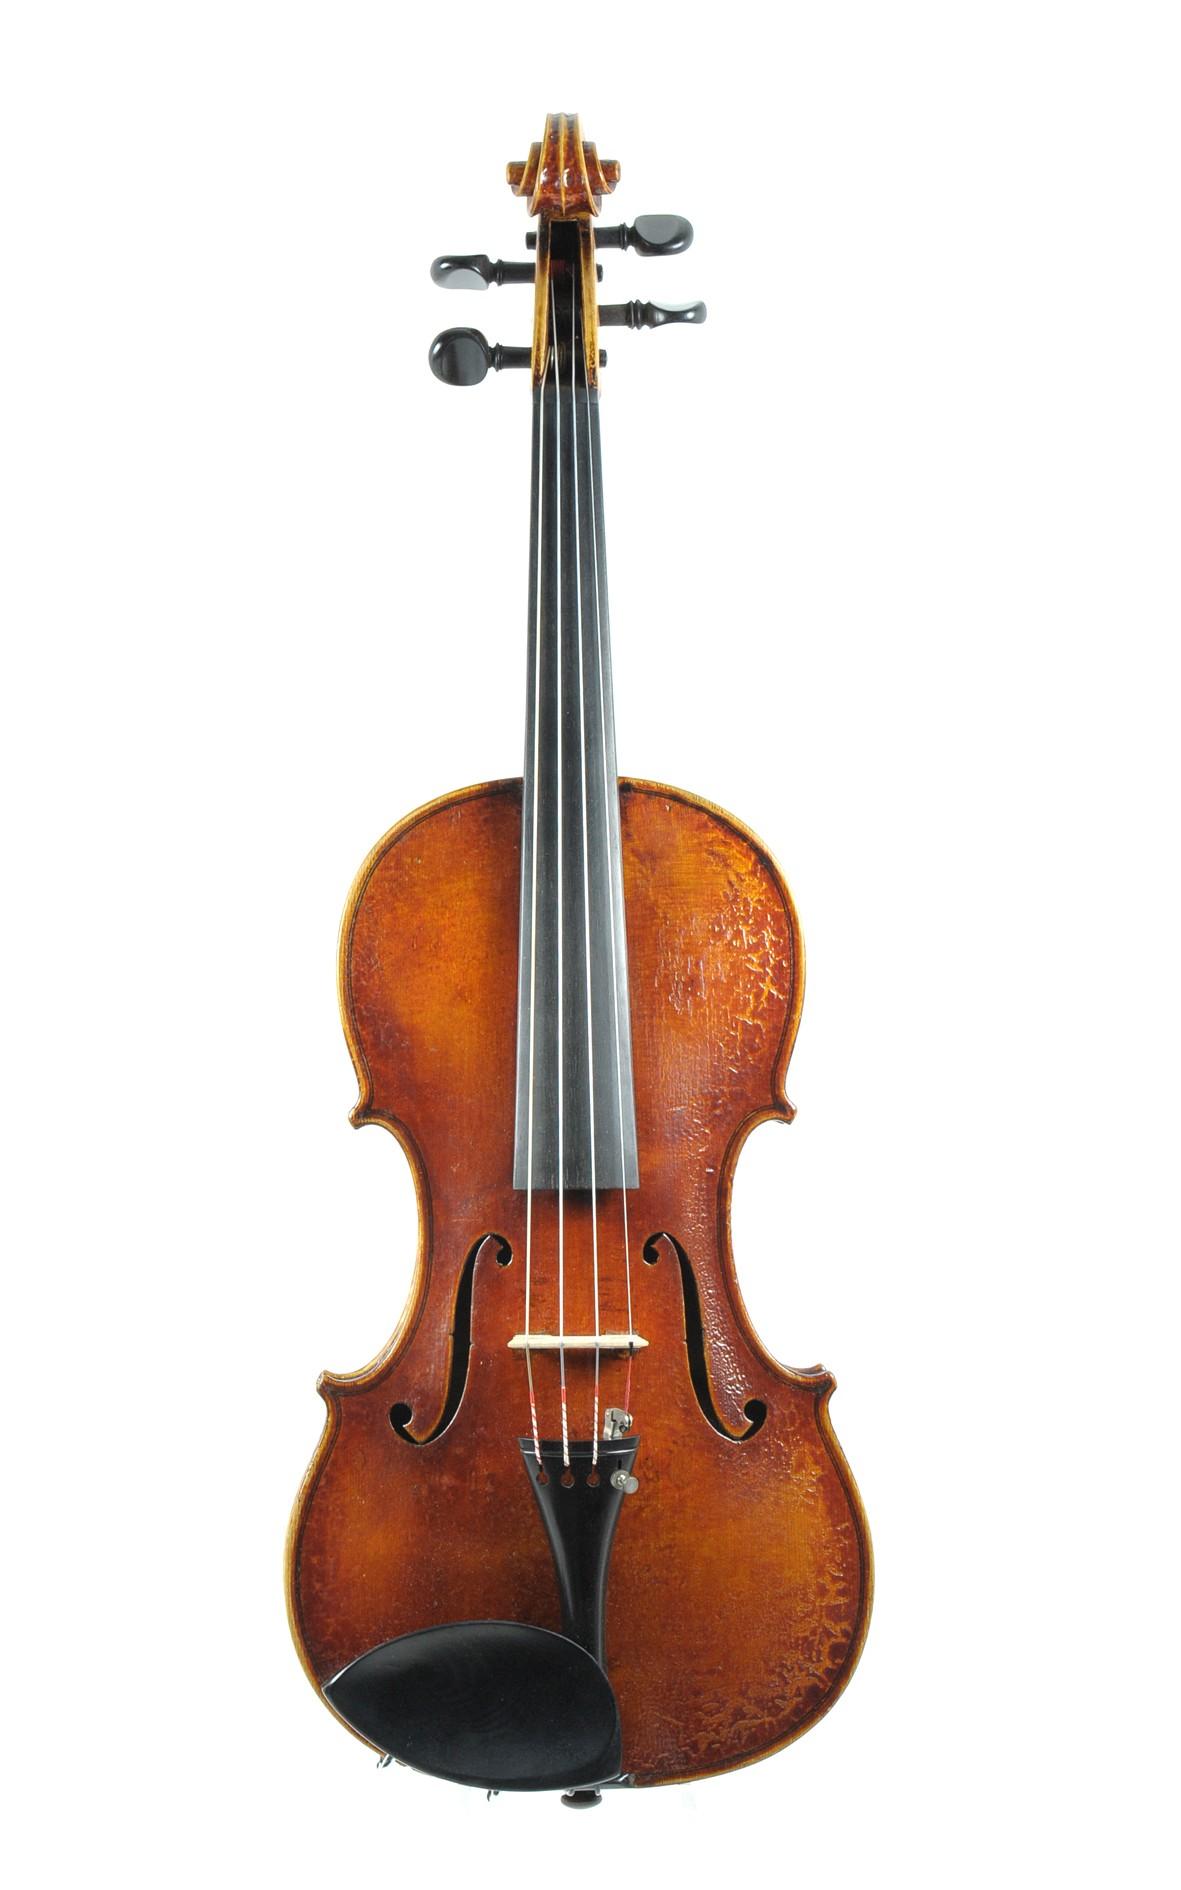 7/8 master violin, E. Willis, 1913 - top